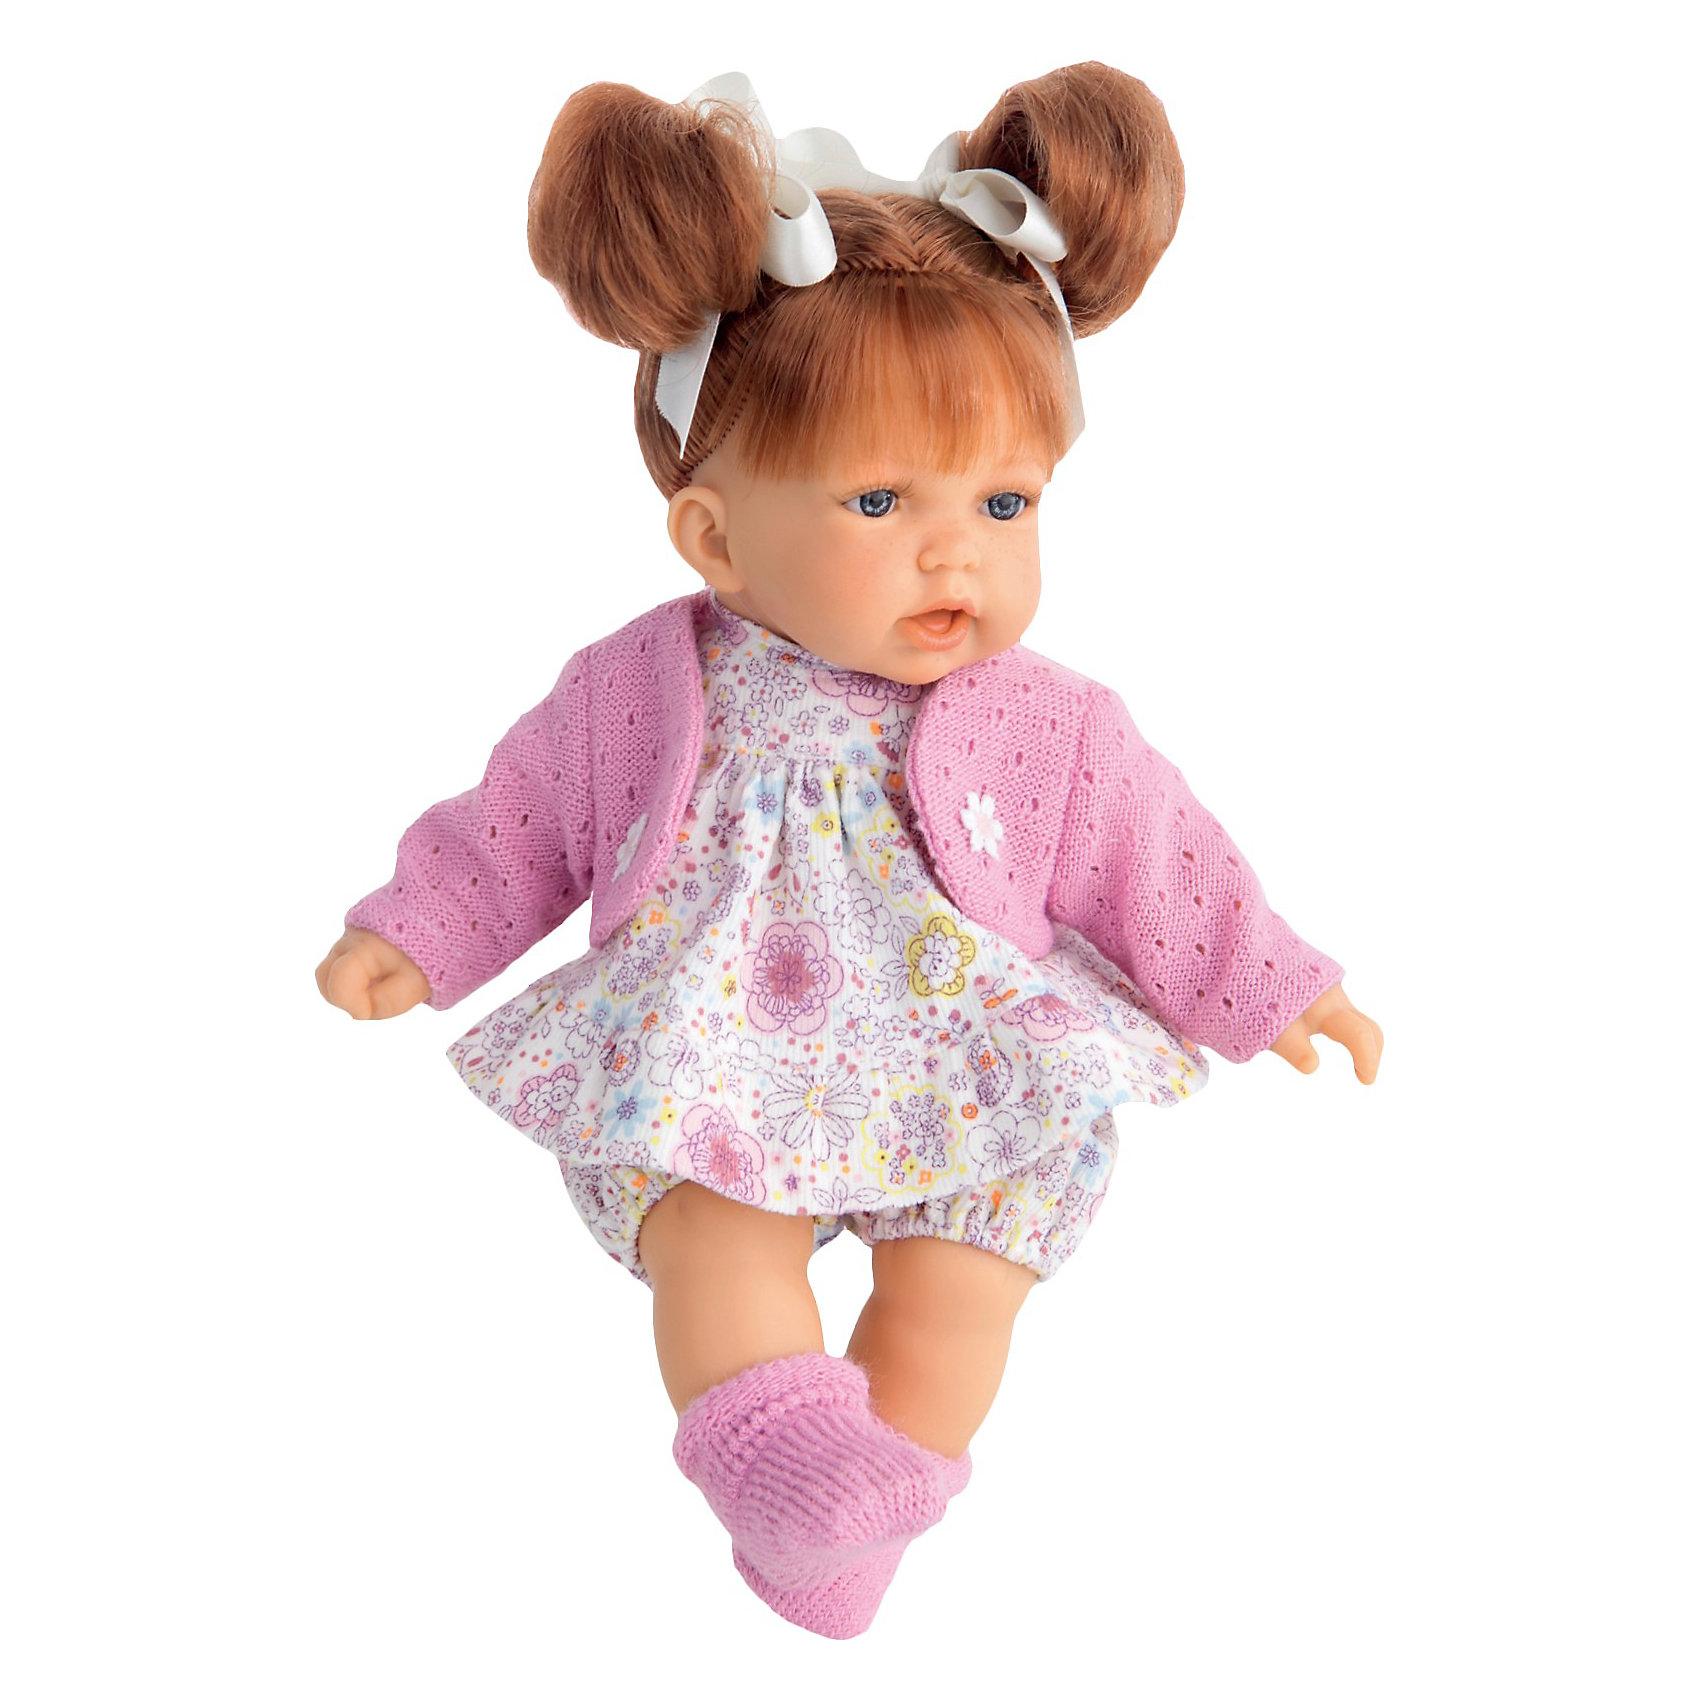 Кукла Рита, брюнетка, 27 см, Munecas Antonio JuanКукла Рита, брюнетка, 27 см, JUAN ANTONIO munecas (ХУАН АНТОНИО мунекас) – это качественные игрушки из Испании, популярные во всем мире.<br>Кукла Рита такая милая и очаровательная, что не оставит равнодушным ни ребенка, ни даже взрослого. У Риты платье в цветочек, шортики, розовая кофточка. Волосы завязаны в два хвостика На ножках розовые носочки. <br>Тельце у куклы мягко-набивное, голова, ручки и ножки сделаны из мягкого качественного винила. Ручки и ножки подвижны. Образы малышей Мунекас разработаны известными европейскими дизайнерами. Они натуралистичны, анатомически точны, копируют настоящих младенцев. Макеты кукол слеплены вручную, поэтому у каждой из моделей индивидуальные черты лица, которые вместе с нарядом и аксессуарами составляют уникальный и неповторимый образ.<br><br>Дополнительная информация:<br><br>- кукла озвучена (при нажатии на животик произносит мама, папа, смеется),<br>- Глаза куклы не закрываются<br>- Высоты куклы: 27 см.<br>- Работает от 3-х батареек LR44 (таблетки) (батарейки входят в комплект)<br>- После покупки игрушки перед игрой куклу необходимо активировать, вынув защитную полоску из механизма с батарейками<br><br>Куклу Рита, брюнетка, 27 см, JUAN ANTONIO munecas (ХУАН АНТОНИО мунекас) можно купить в нашем интернет-магазине.<br><br>Ширина мм: 100<br>Глубина мм: 175<br>Высота мм: 310<br>Вес г: 660<br>Возраст от месяцев: 36<br>Возраст до месяцев: 72<br>Пол: Женский<br>Возраст: Детский<br>SKU: 3777971